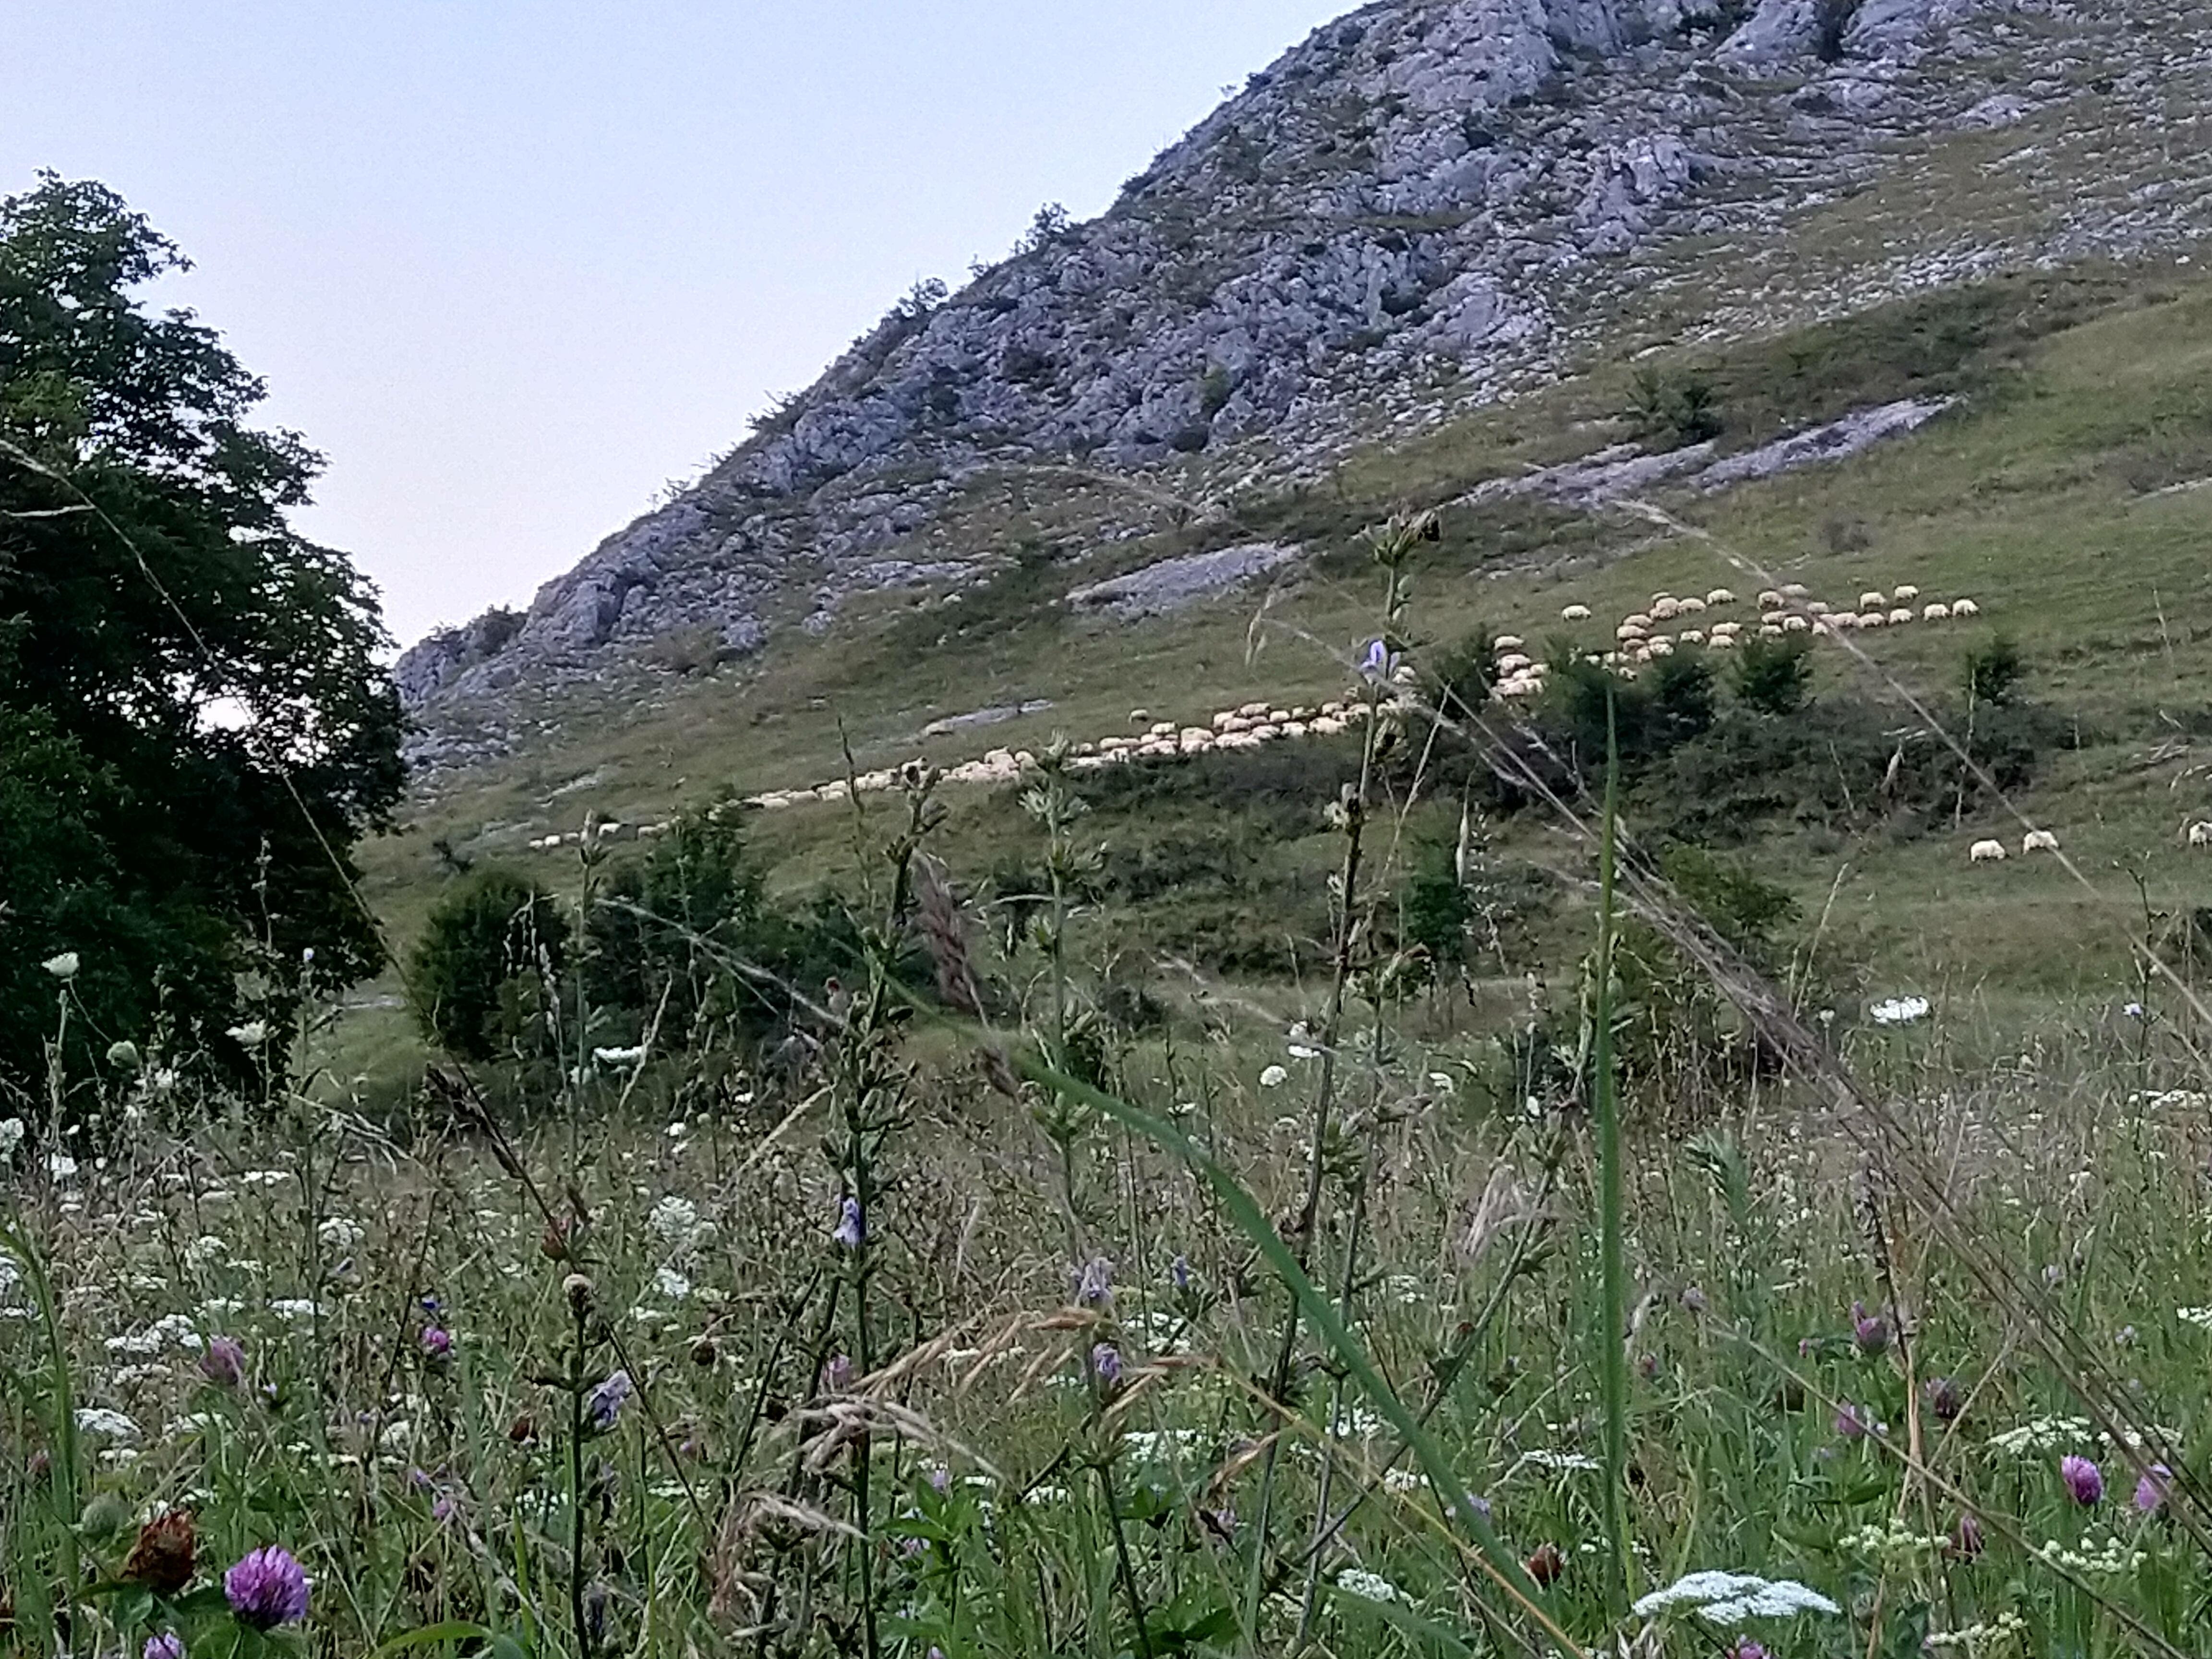 Tylko słońce zaszło i stok góry spowił piękny widok wypasania owieczek